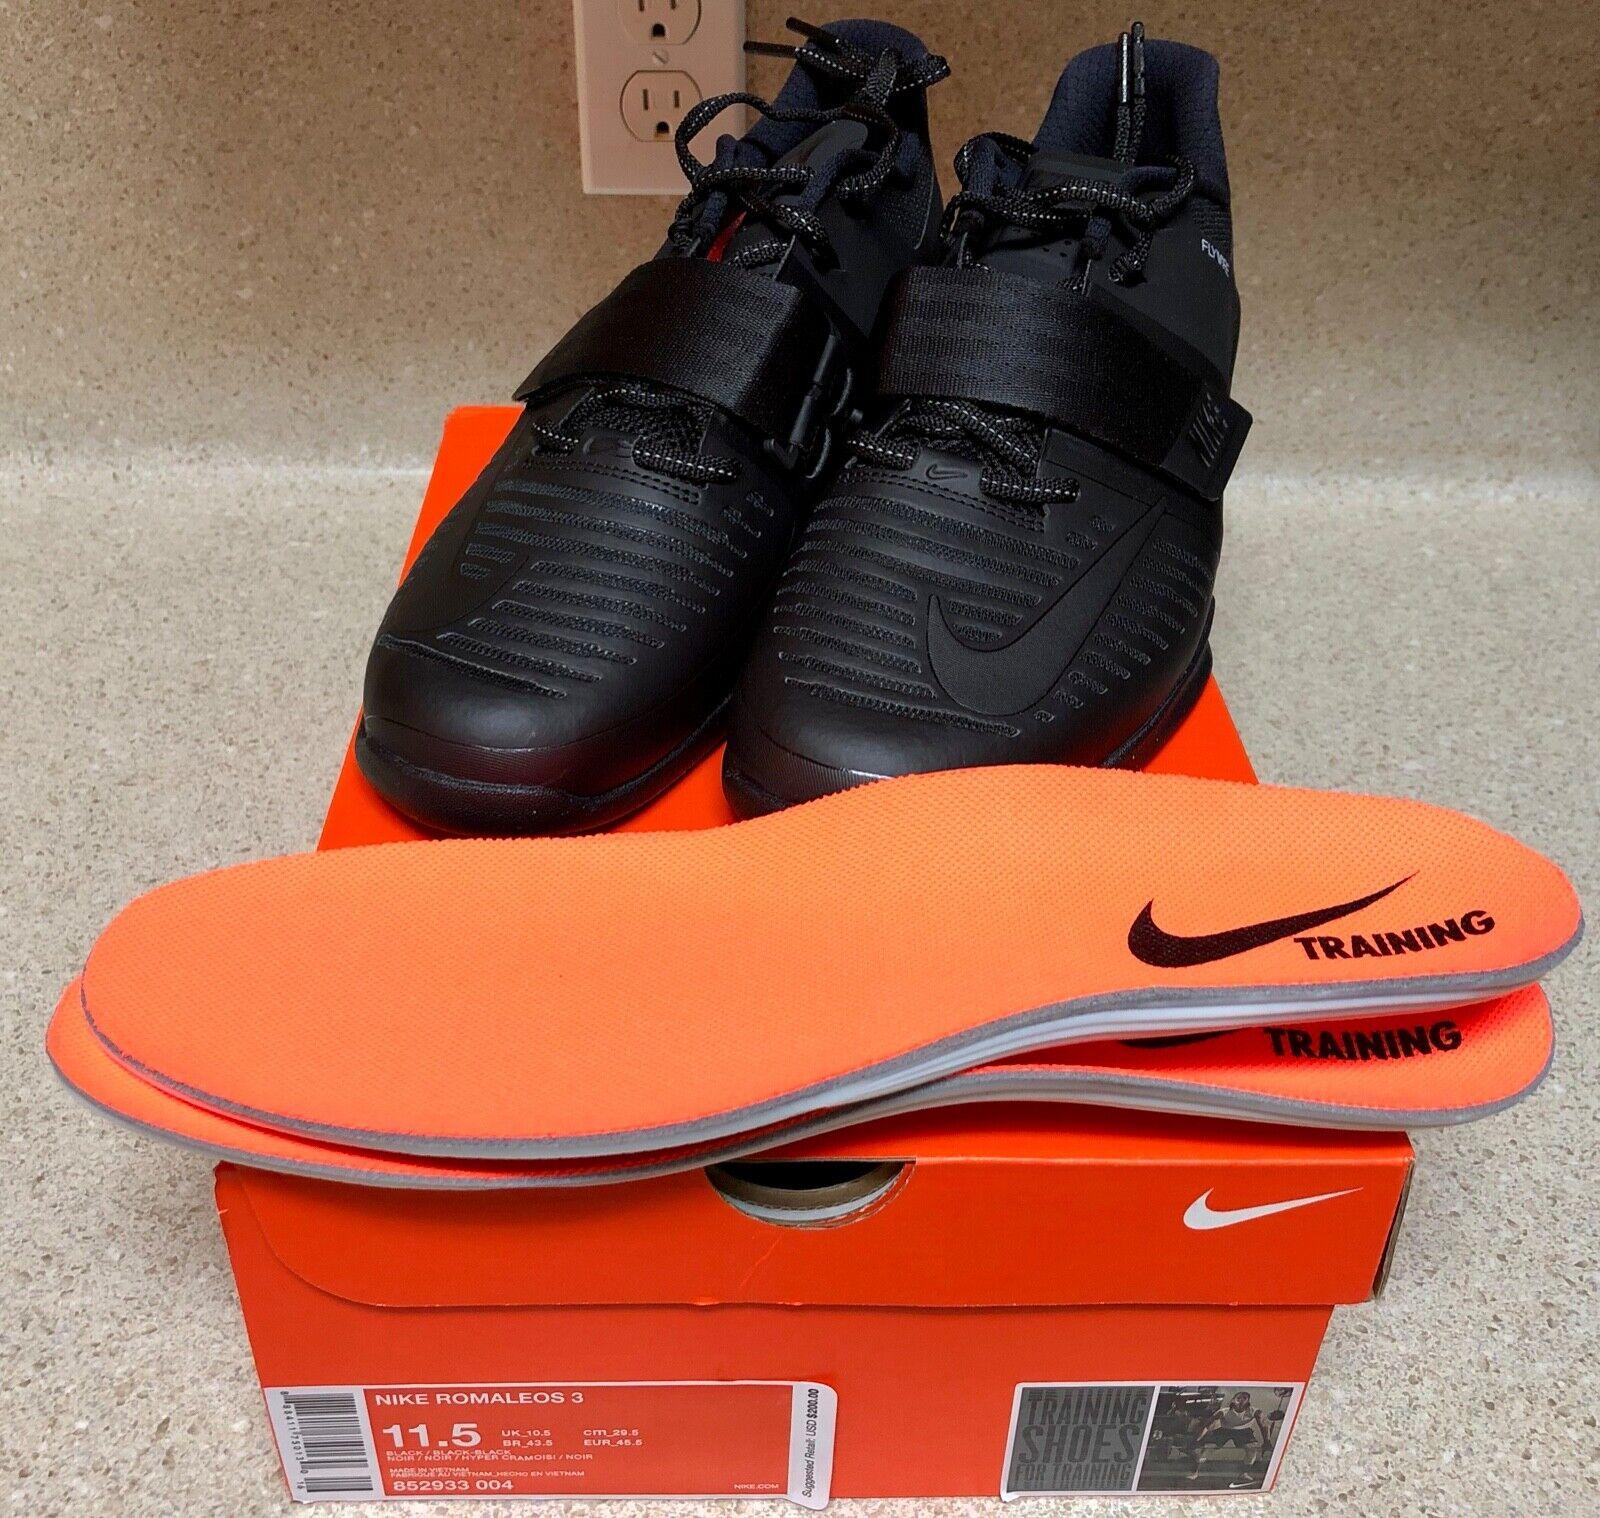 Para hombre NIKE ROMALEOS 3 Crossfit Entrenamiento Zapatos de Halterofilia 11.5 Negro 852933-004